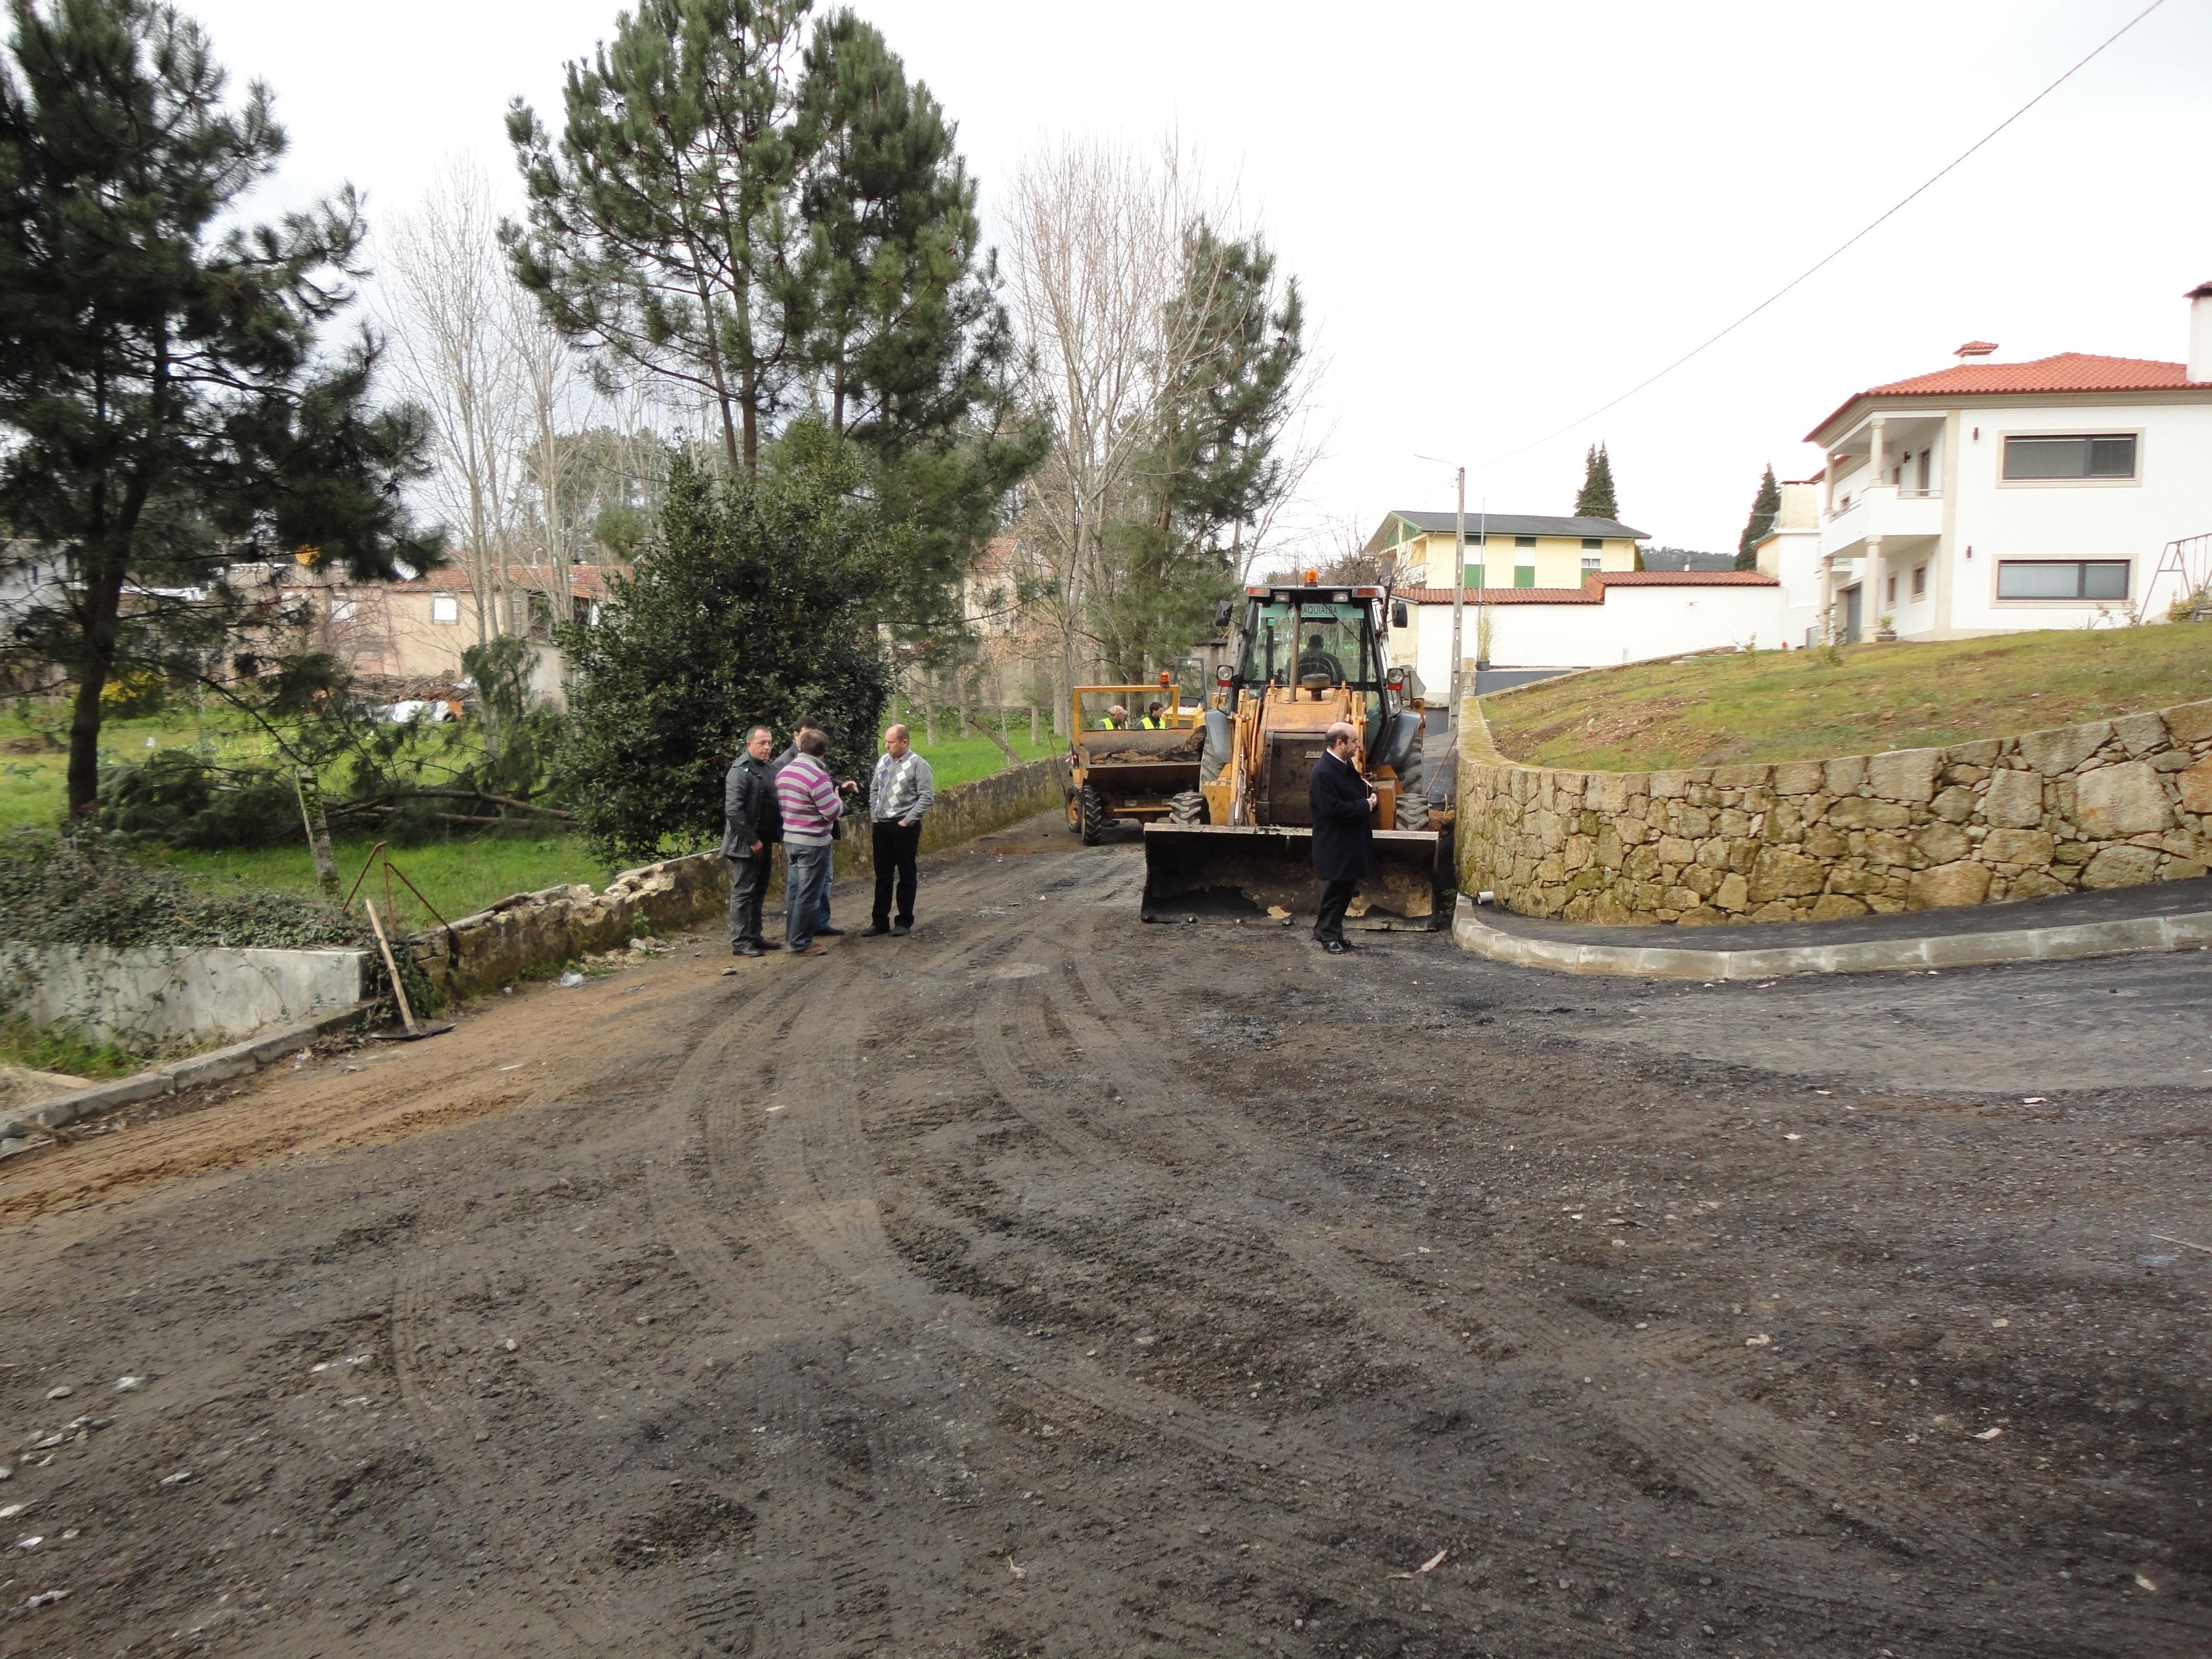 Investimento não vai parar no concelho de Oliveira de Azeméis